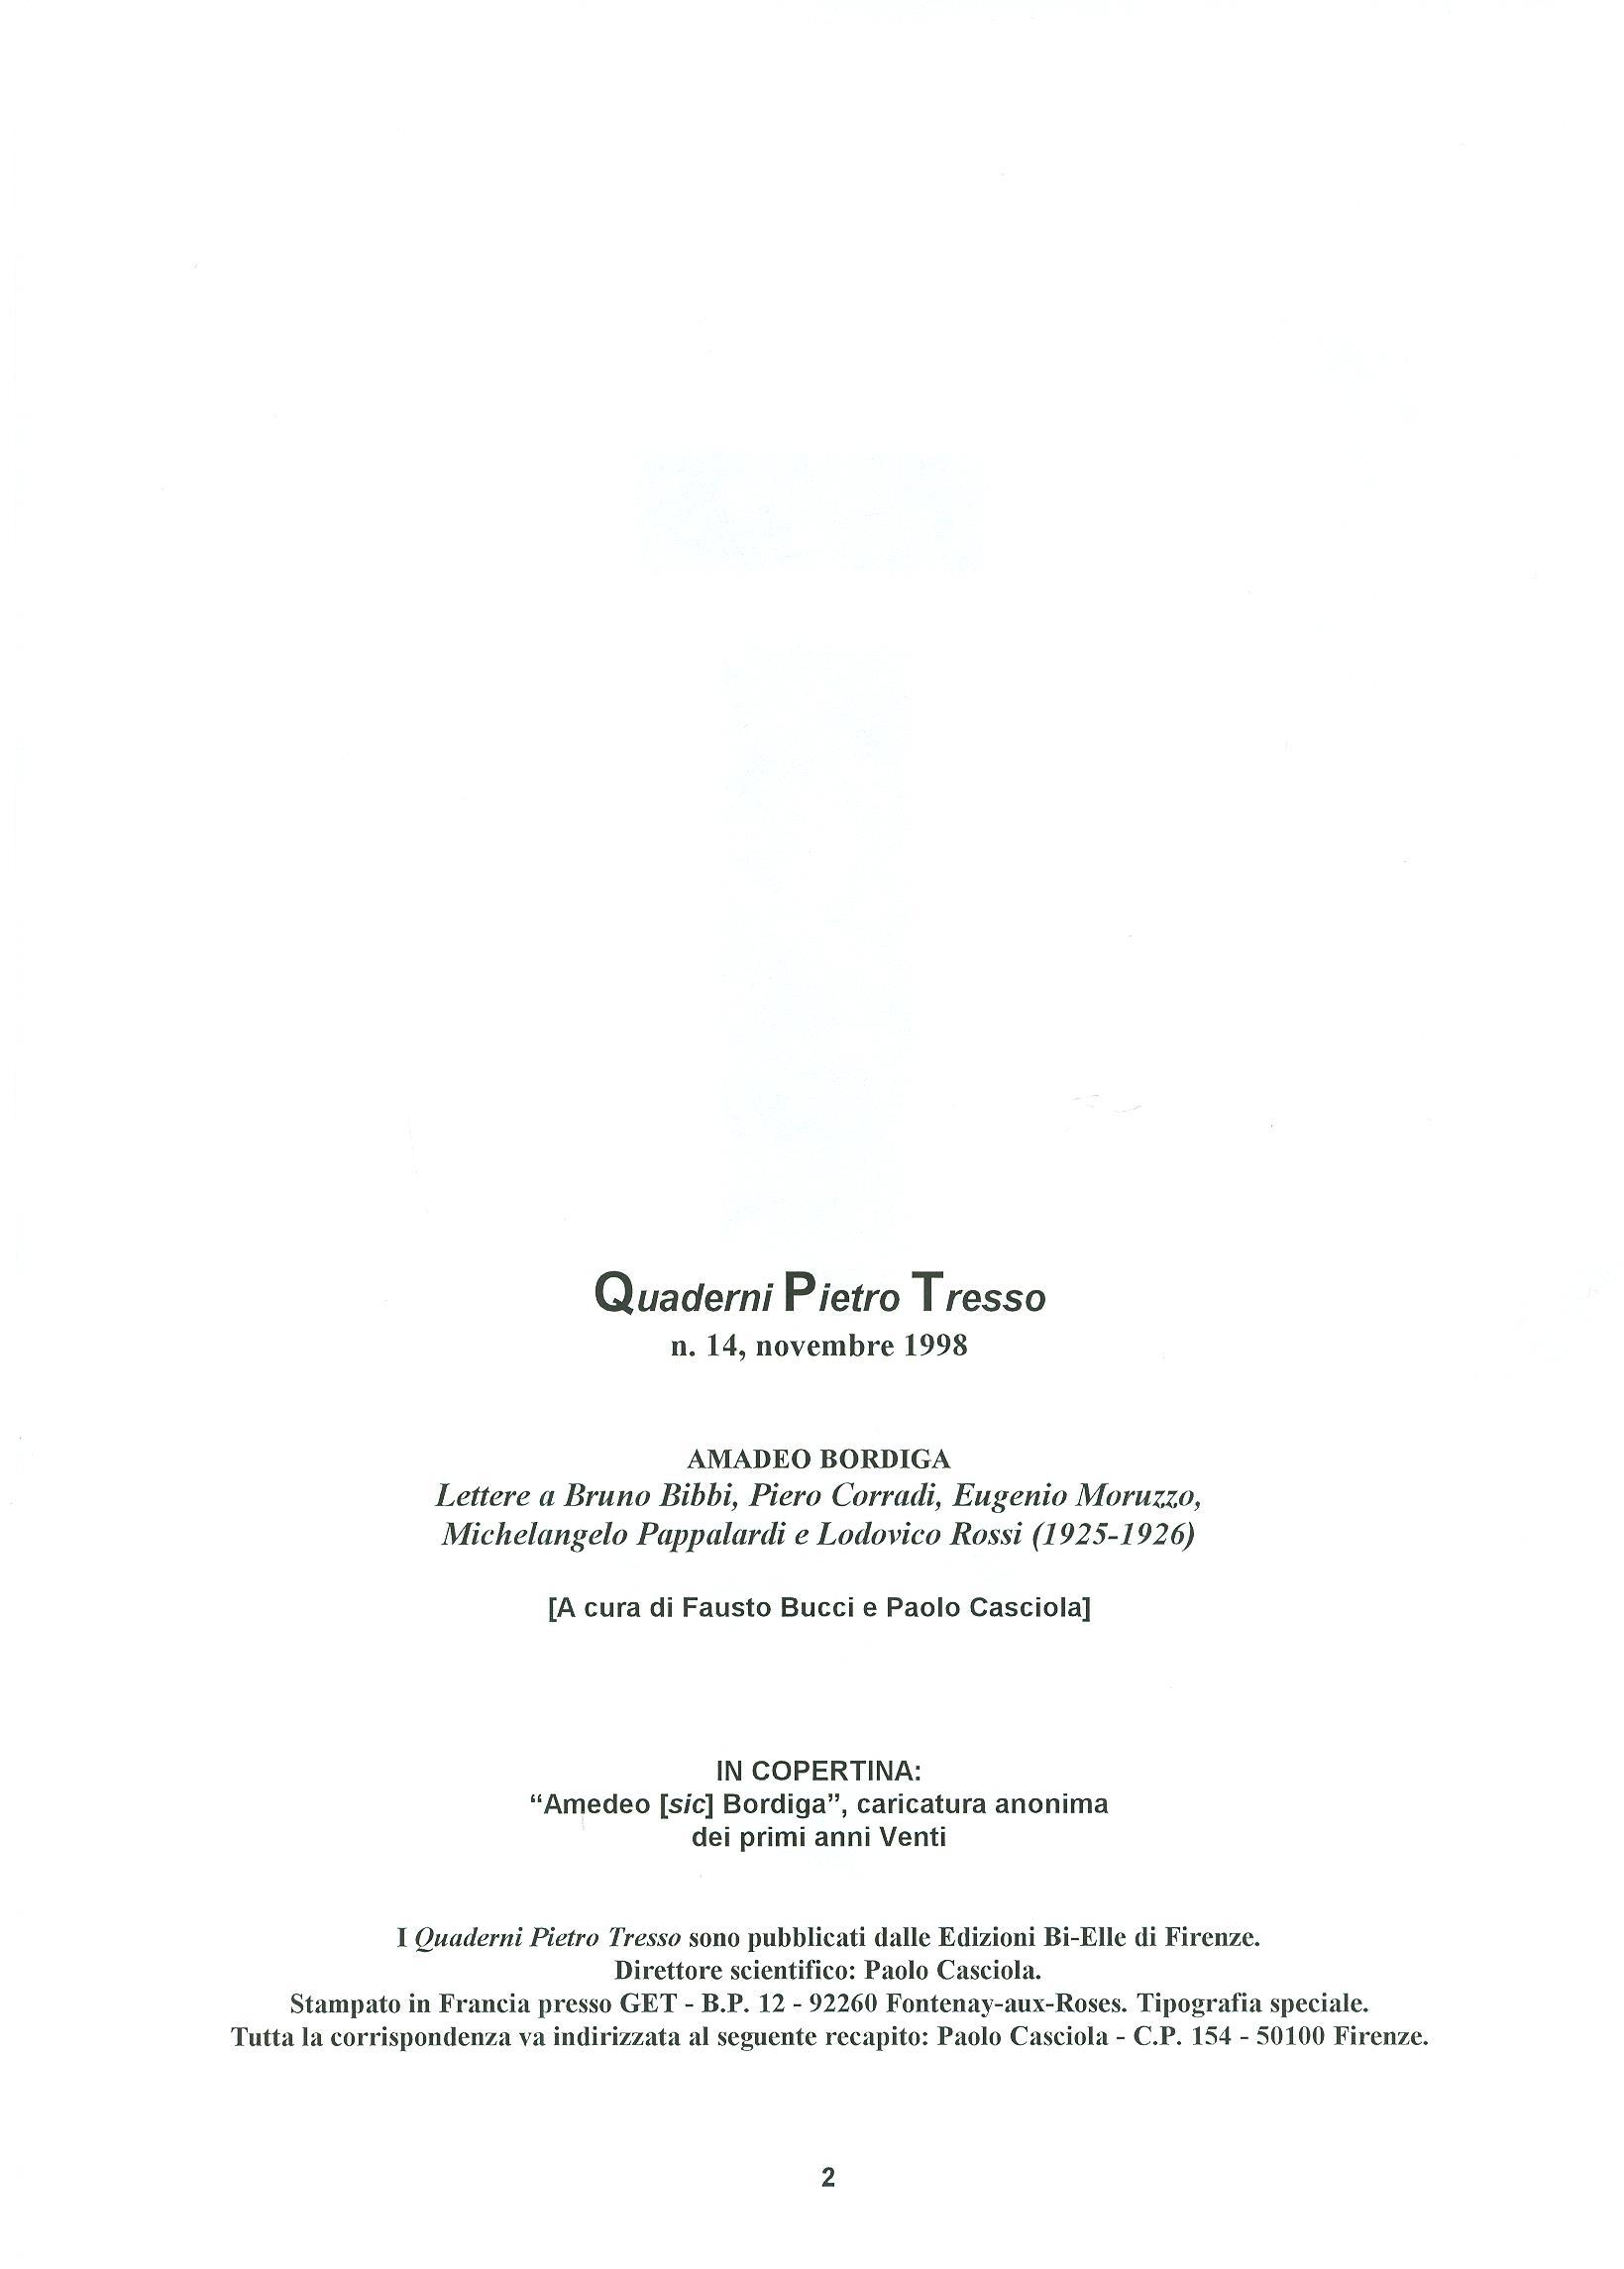 Quaderni del Centro Studi Pietro Tresso (1996-2009) n. 14 (novembre 1998) - pag. 3